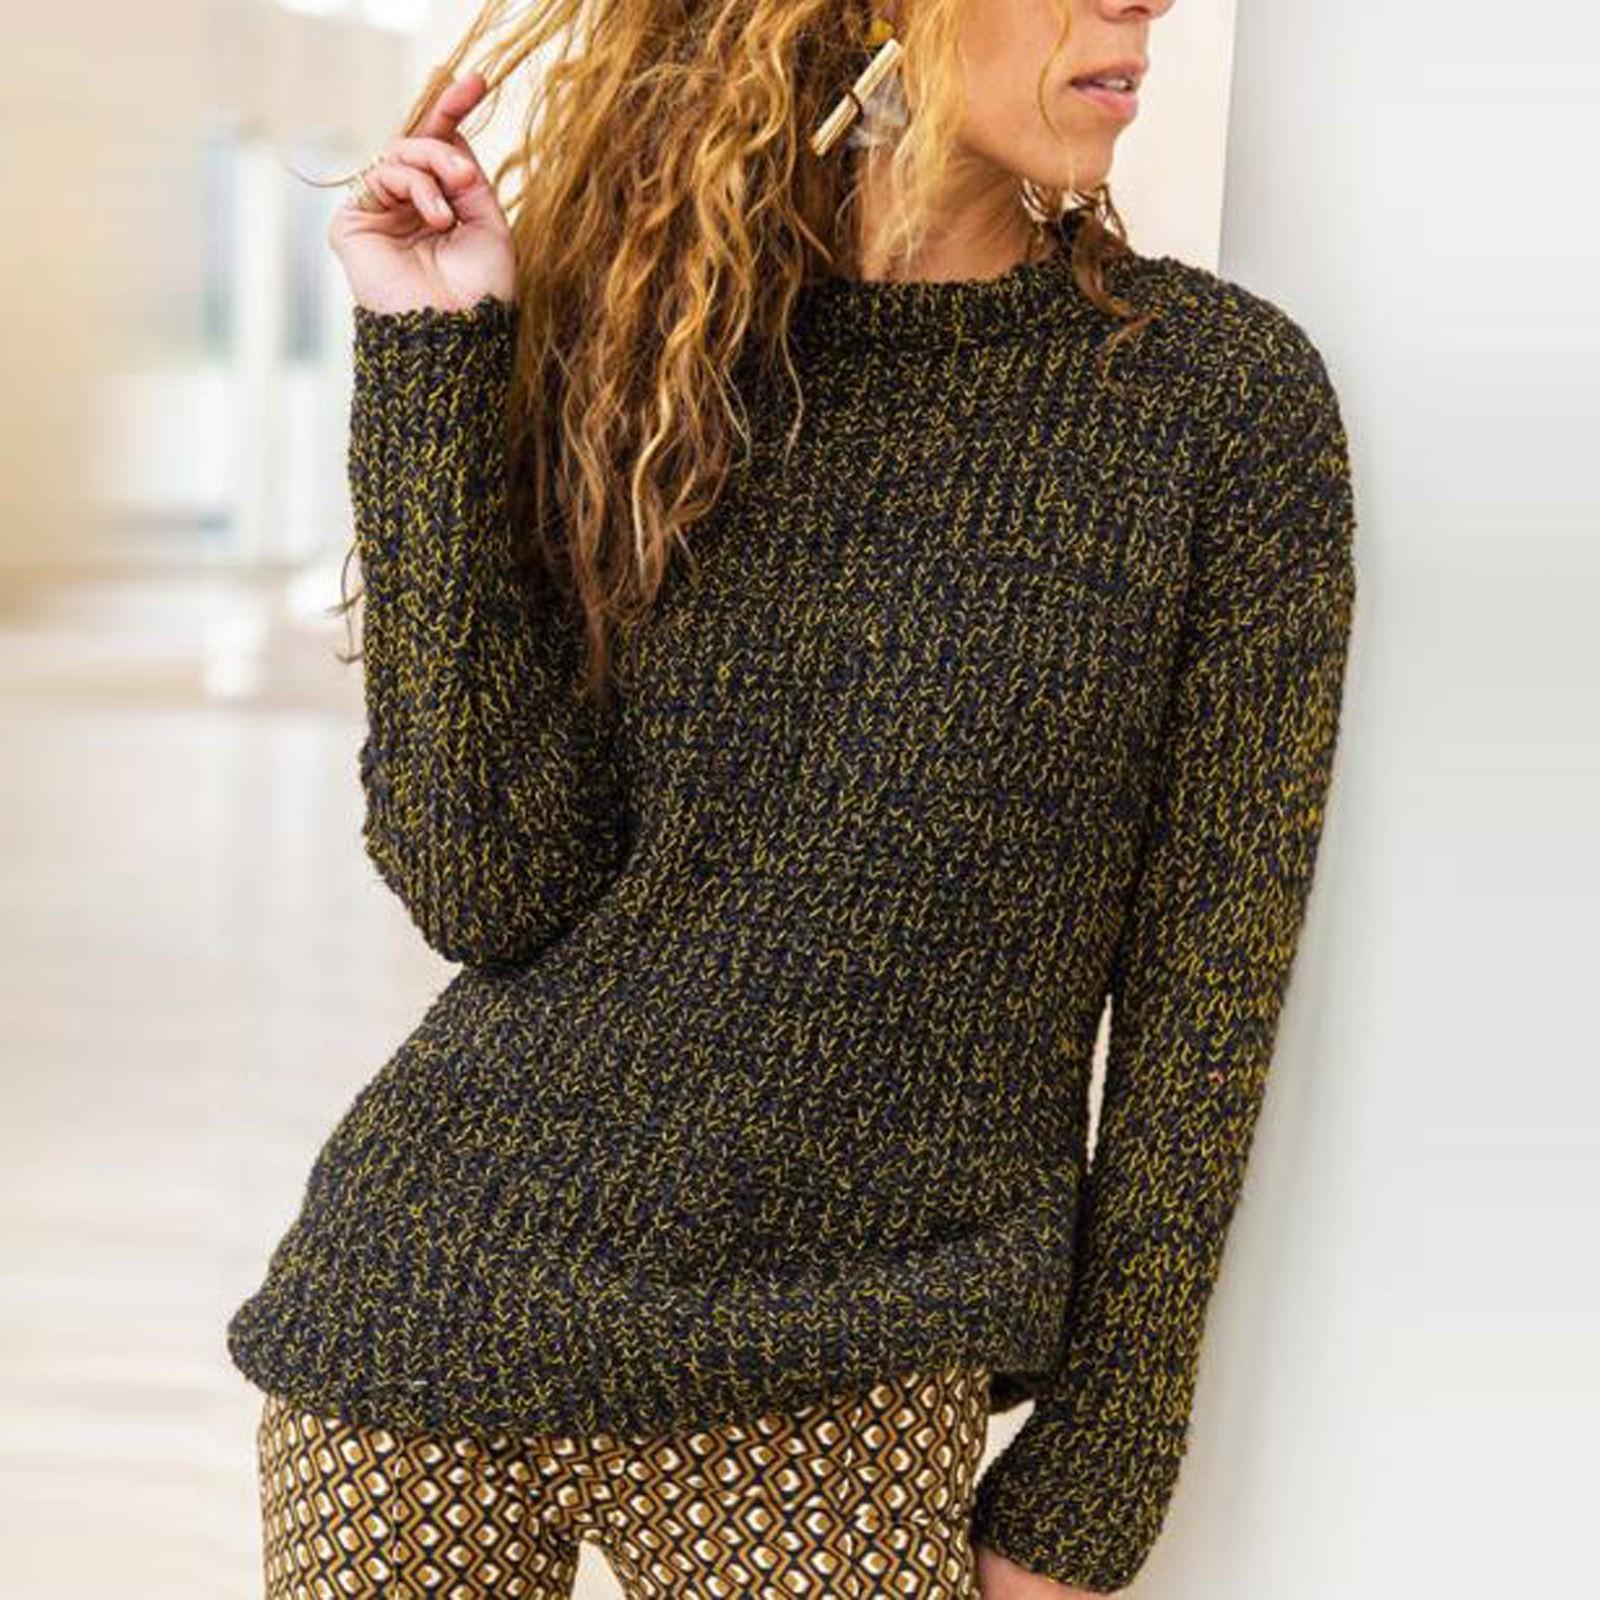 Универсальные свитеры женские сплошные цветные пуловер круглые не теплые с длинным рукавом свитер Vestido Mujer Otono Invierno 2020